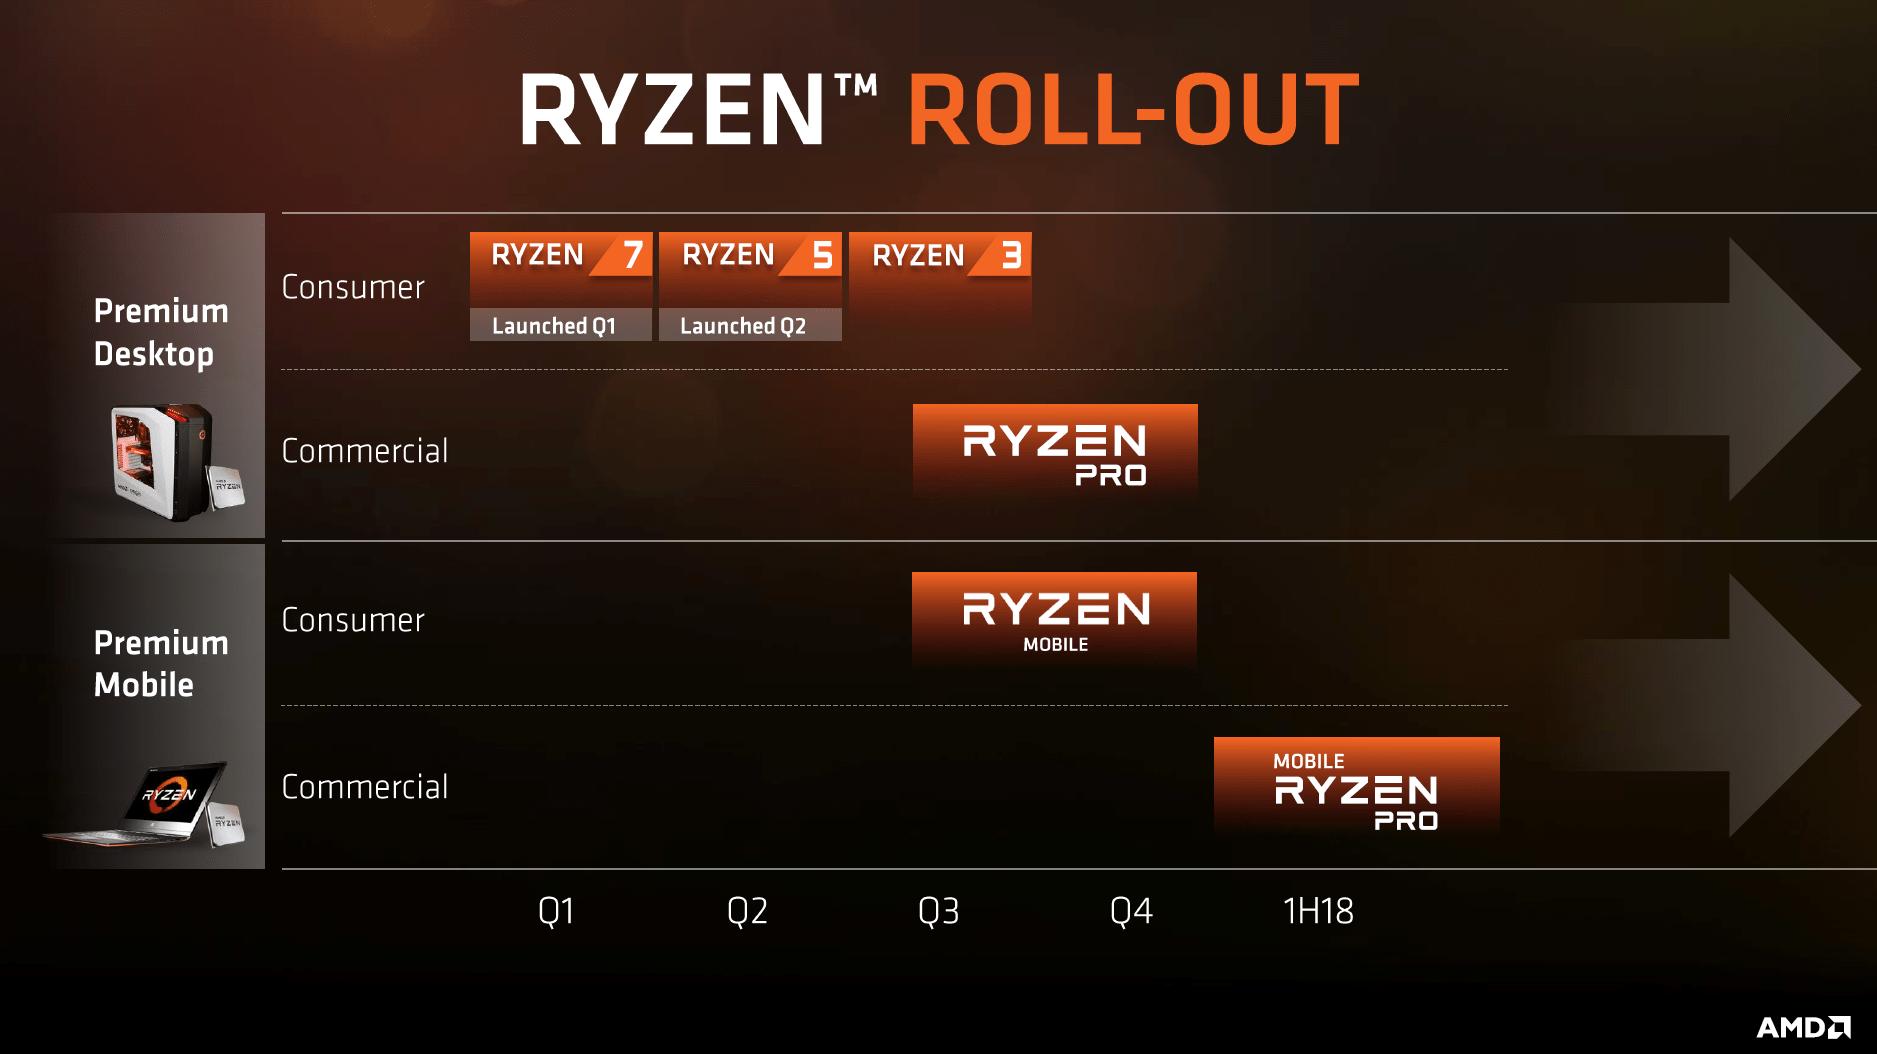 Ryzen-Roadmap mit Mobile und Pro